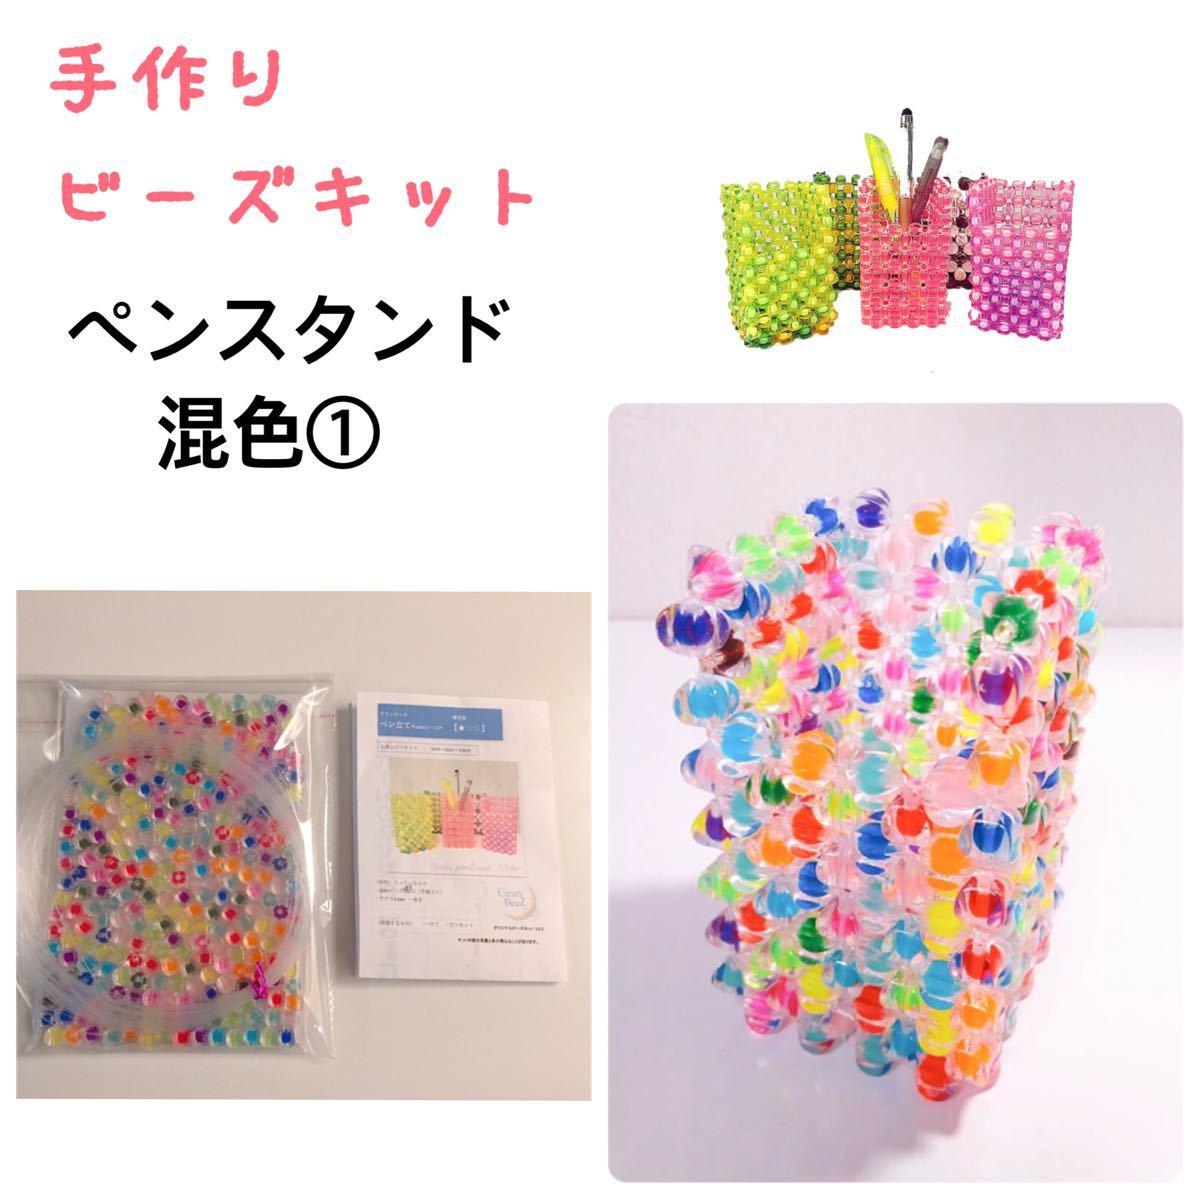 【ビーズキット】メガネ&ペンスタンド(混色1)